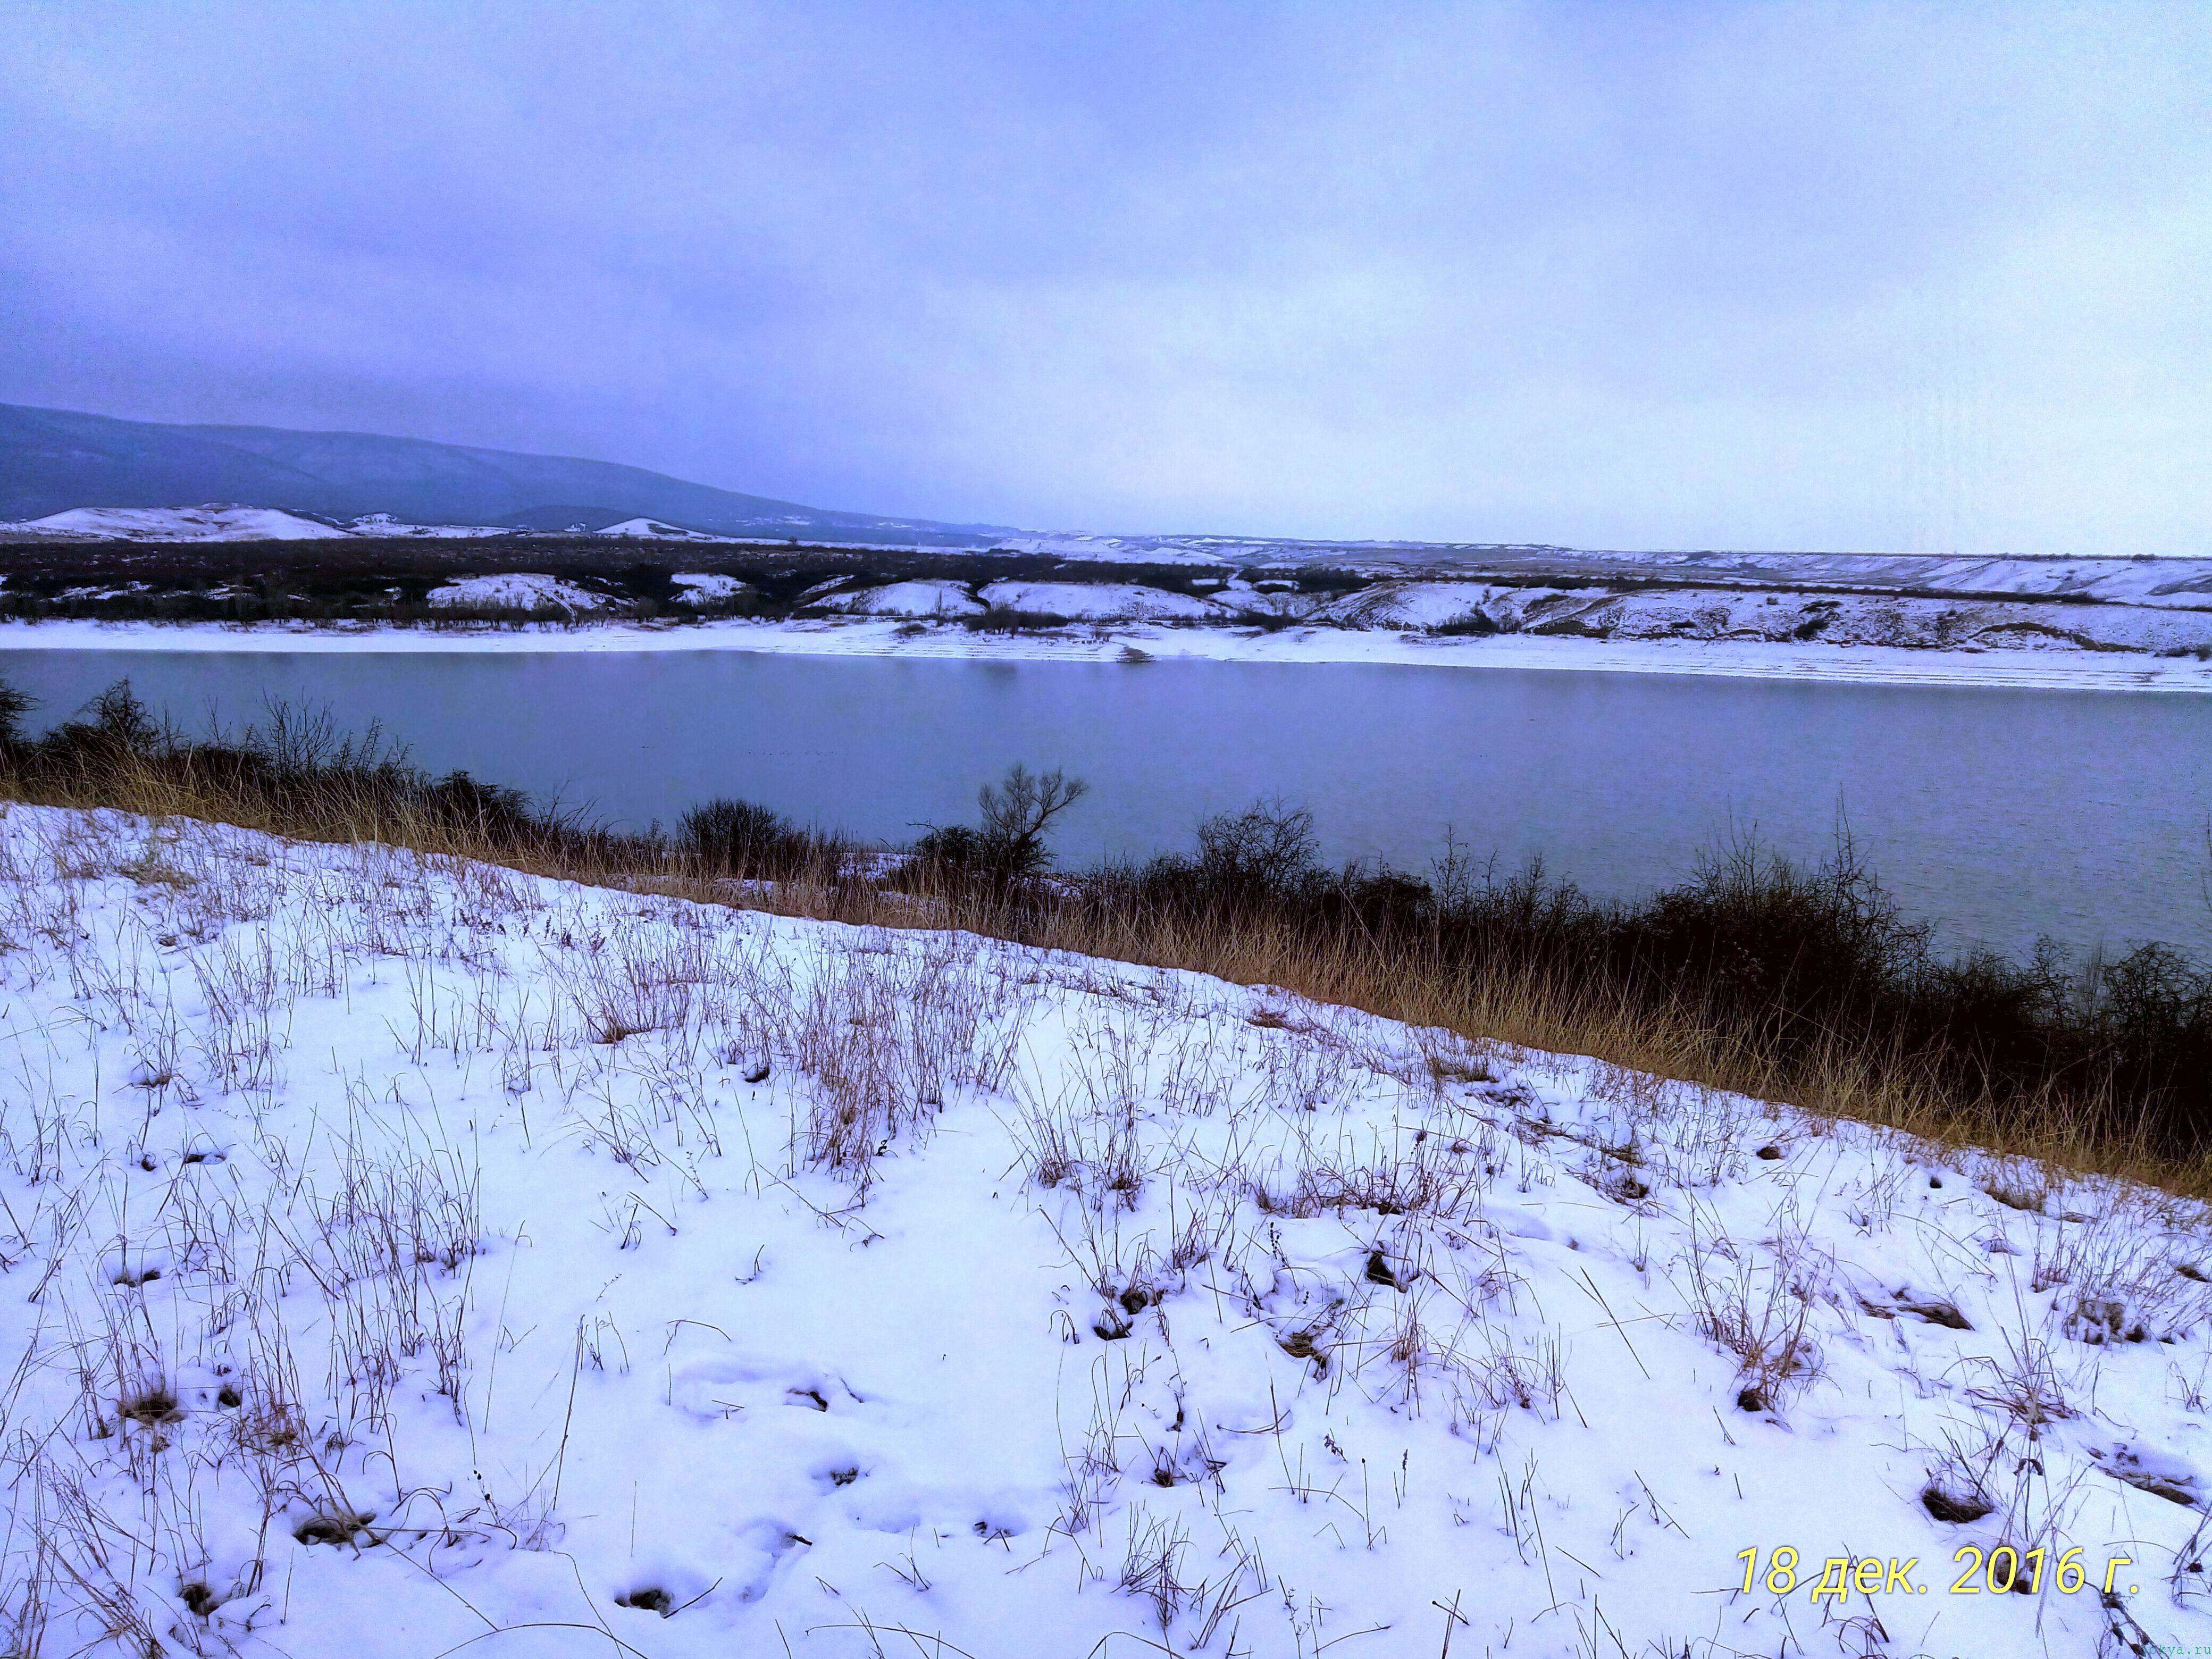 Мини поход к мосту в сторону села Карасевка фото заметка о моей реальности в Крыму jokya.ru